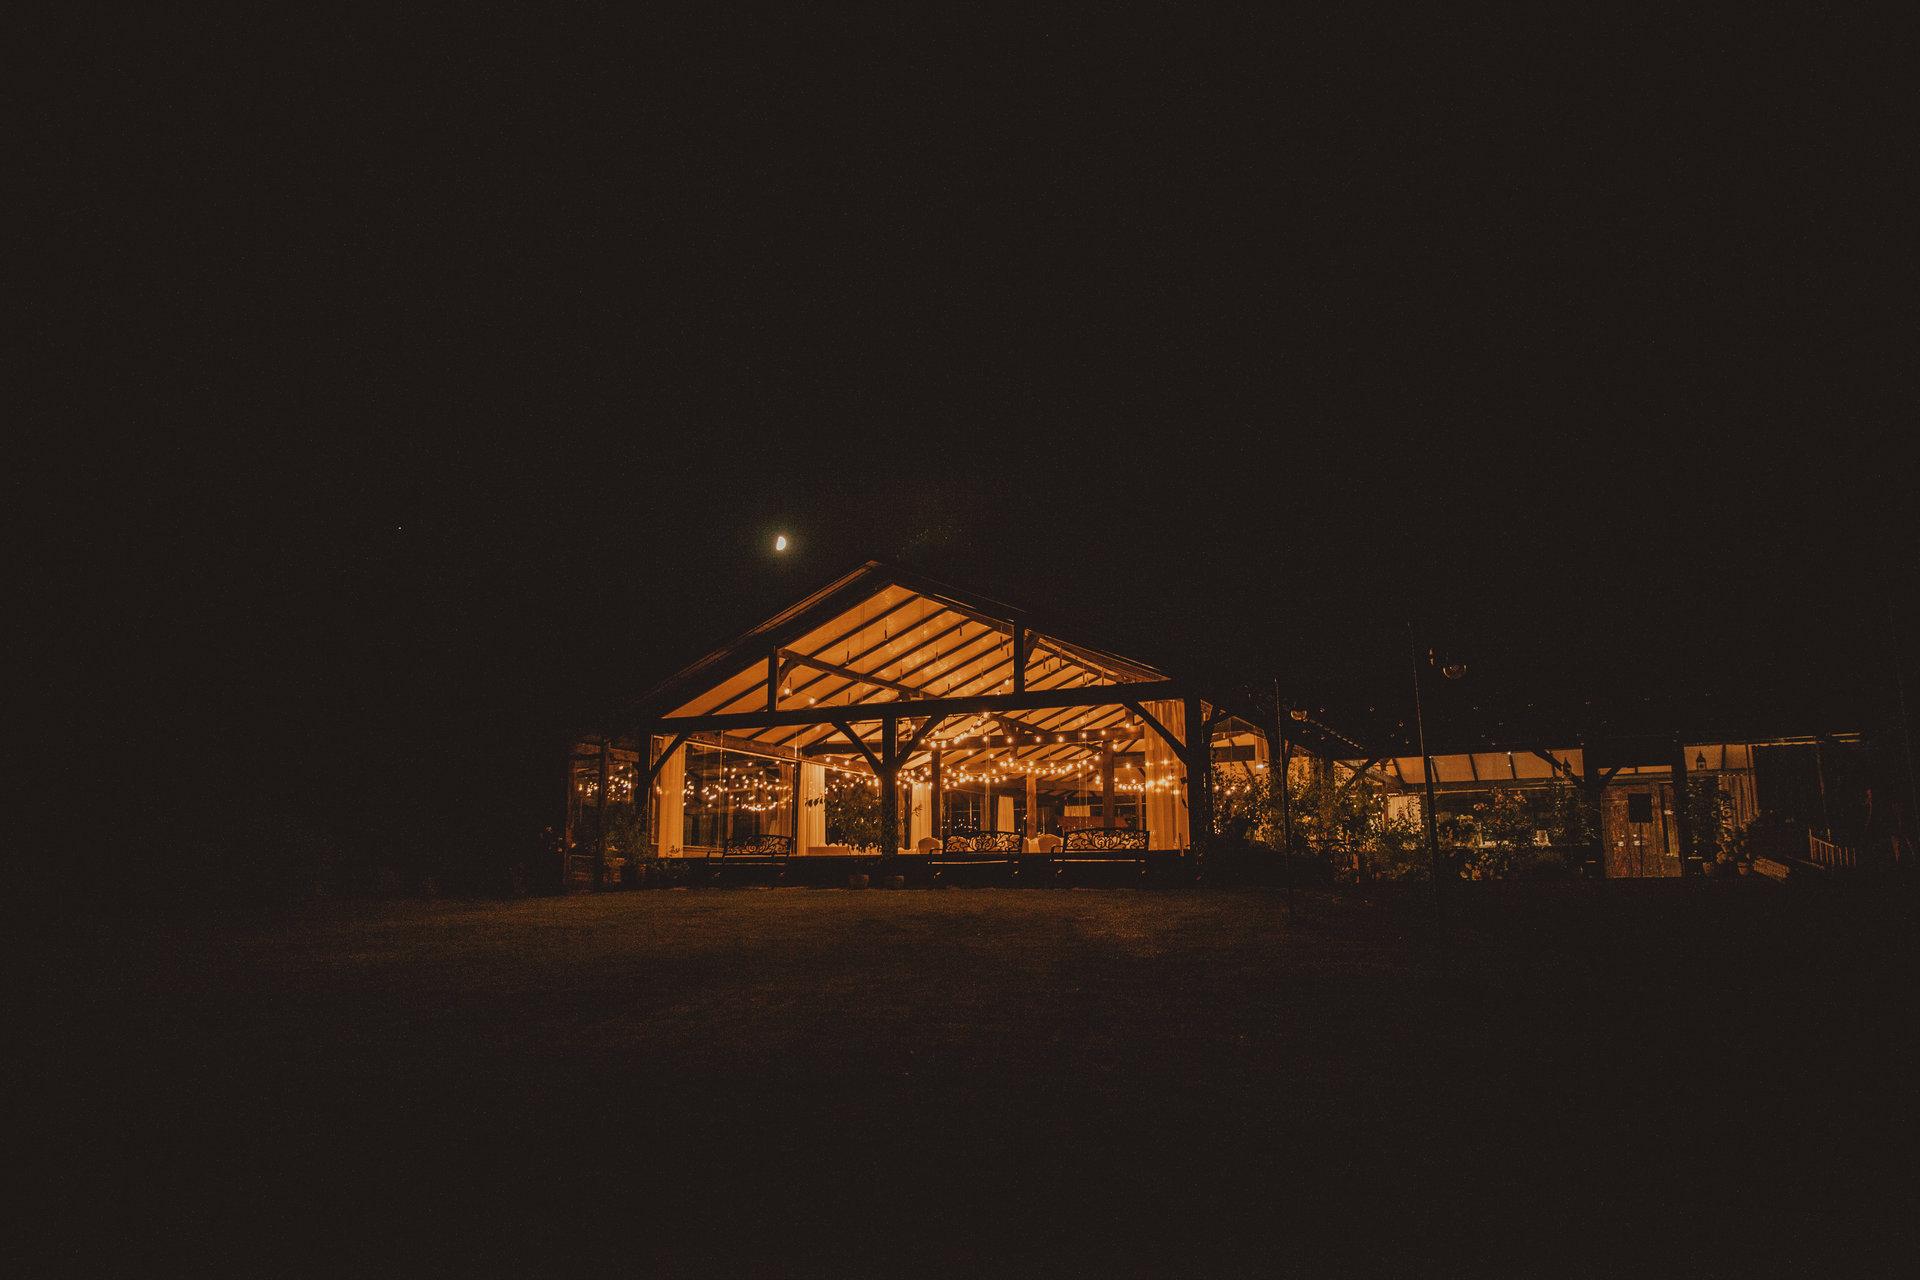 szklana stodoła, wynajem girland na wesele